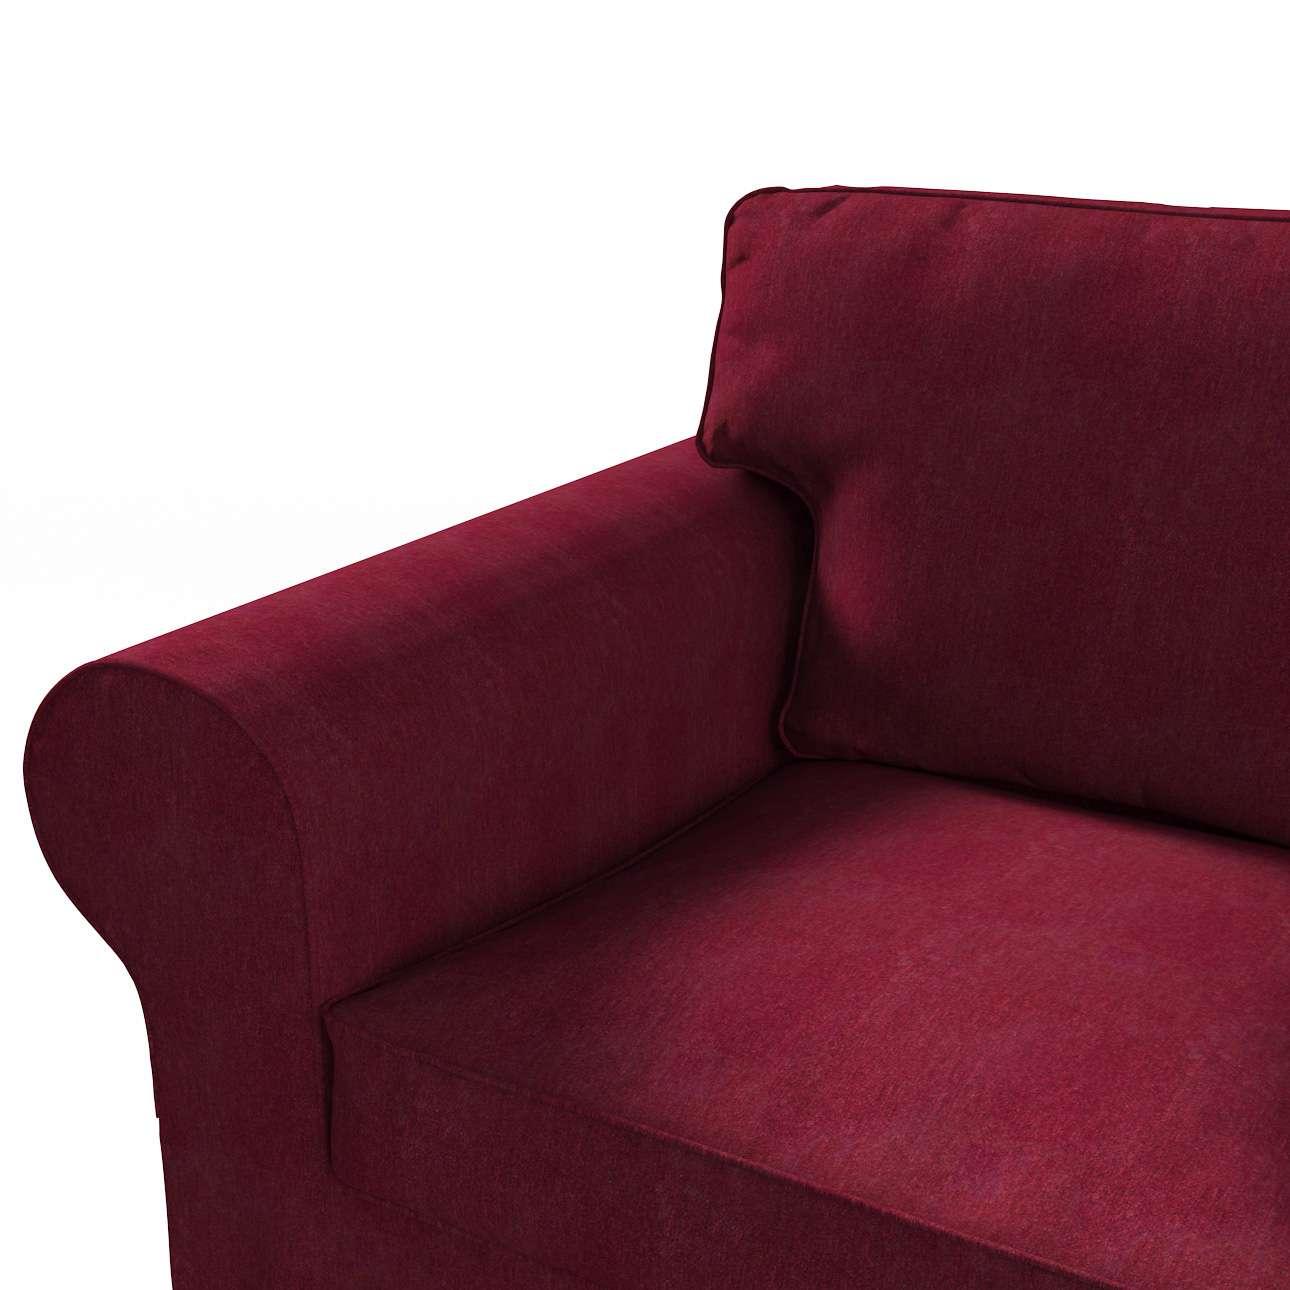 Ektorp 3-Sitzer Sofabezug nicht ausklappbar Sofabezug für  Ektorp 3-Sitzer nicht ausklappbar von der Kollektion Chenille , Stoff: 702-19